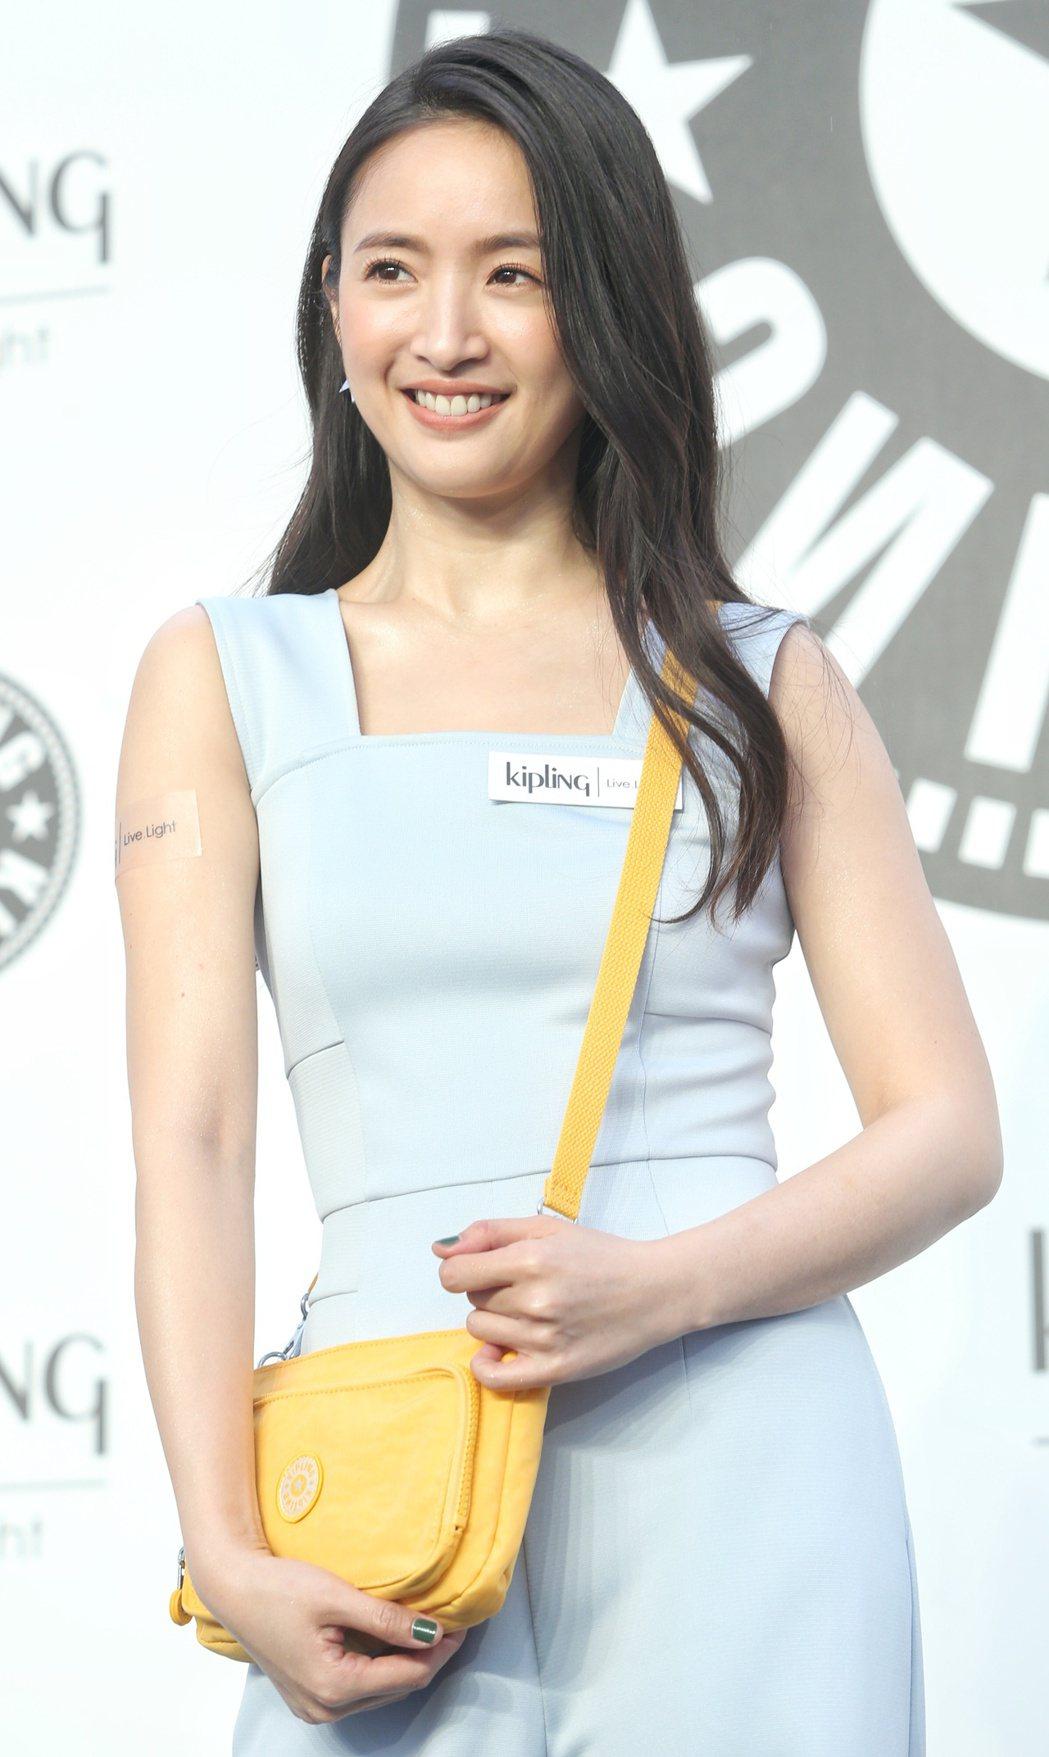 林依晨出席Kipling Taiwan品牌活動。記者侯永全/攝影